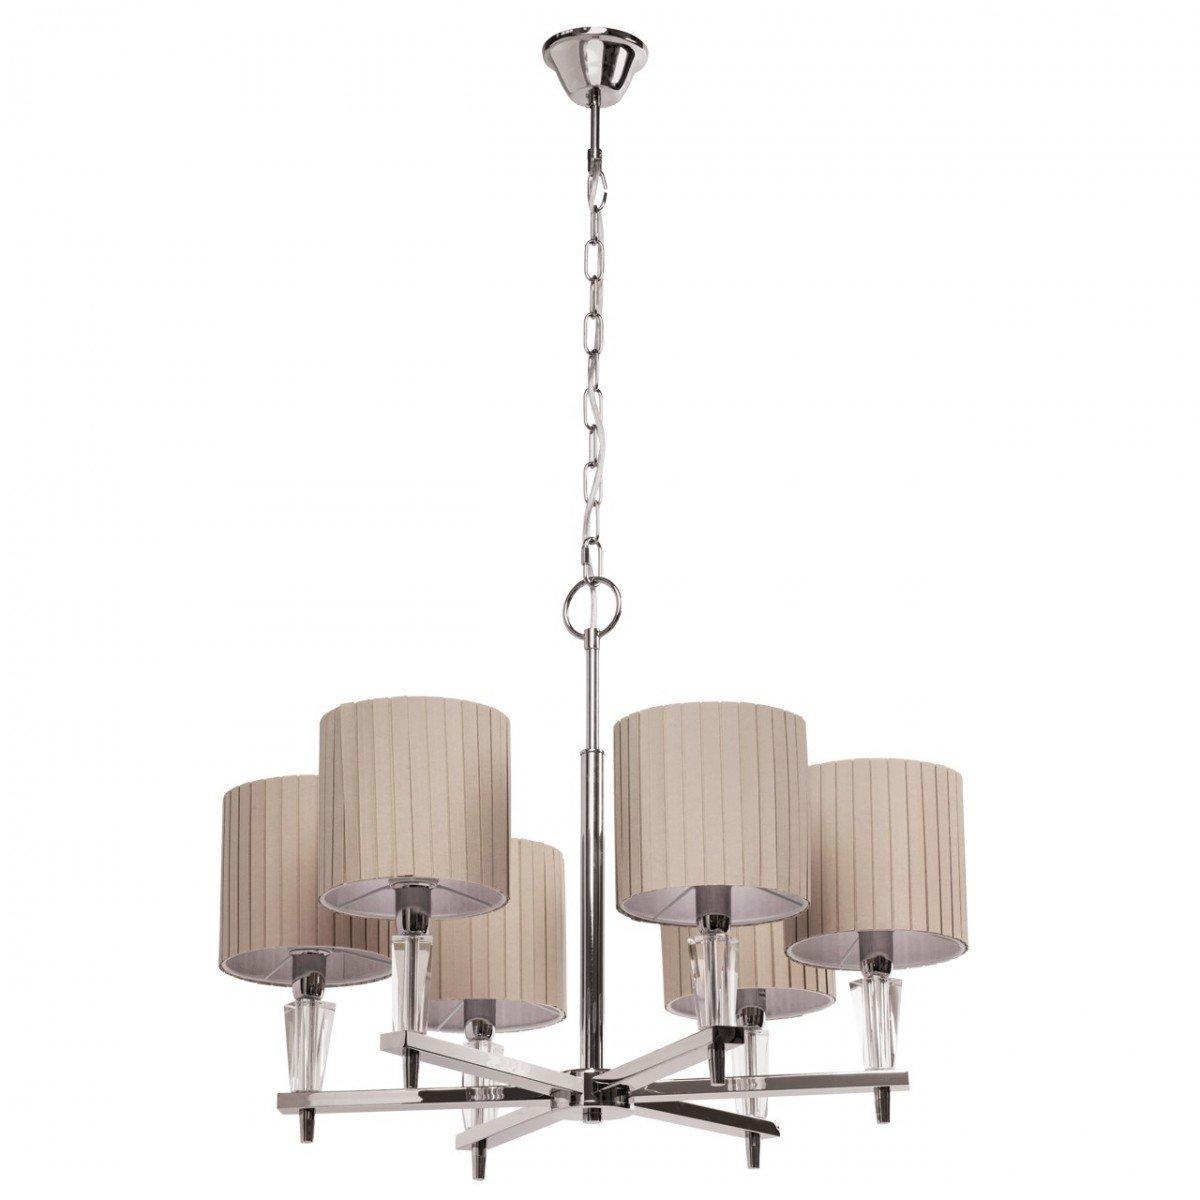 Deckenleuchte Deckenlampe Lampe Leuchte Megapolis Style, Ø 52 cm, Chrom mit Kristallen, 6 x E27 max. 60 W